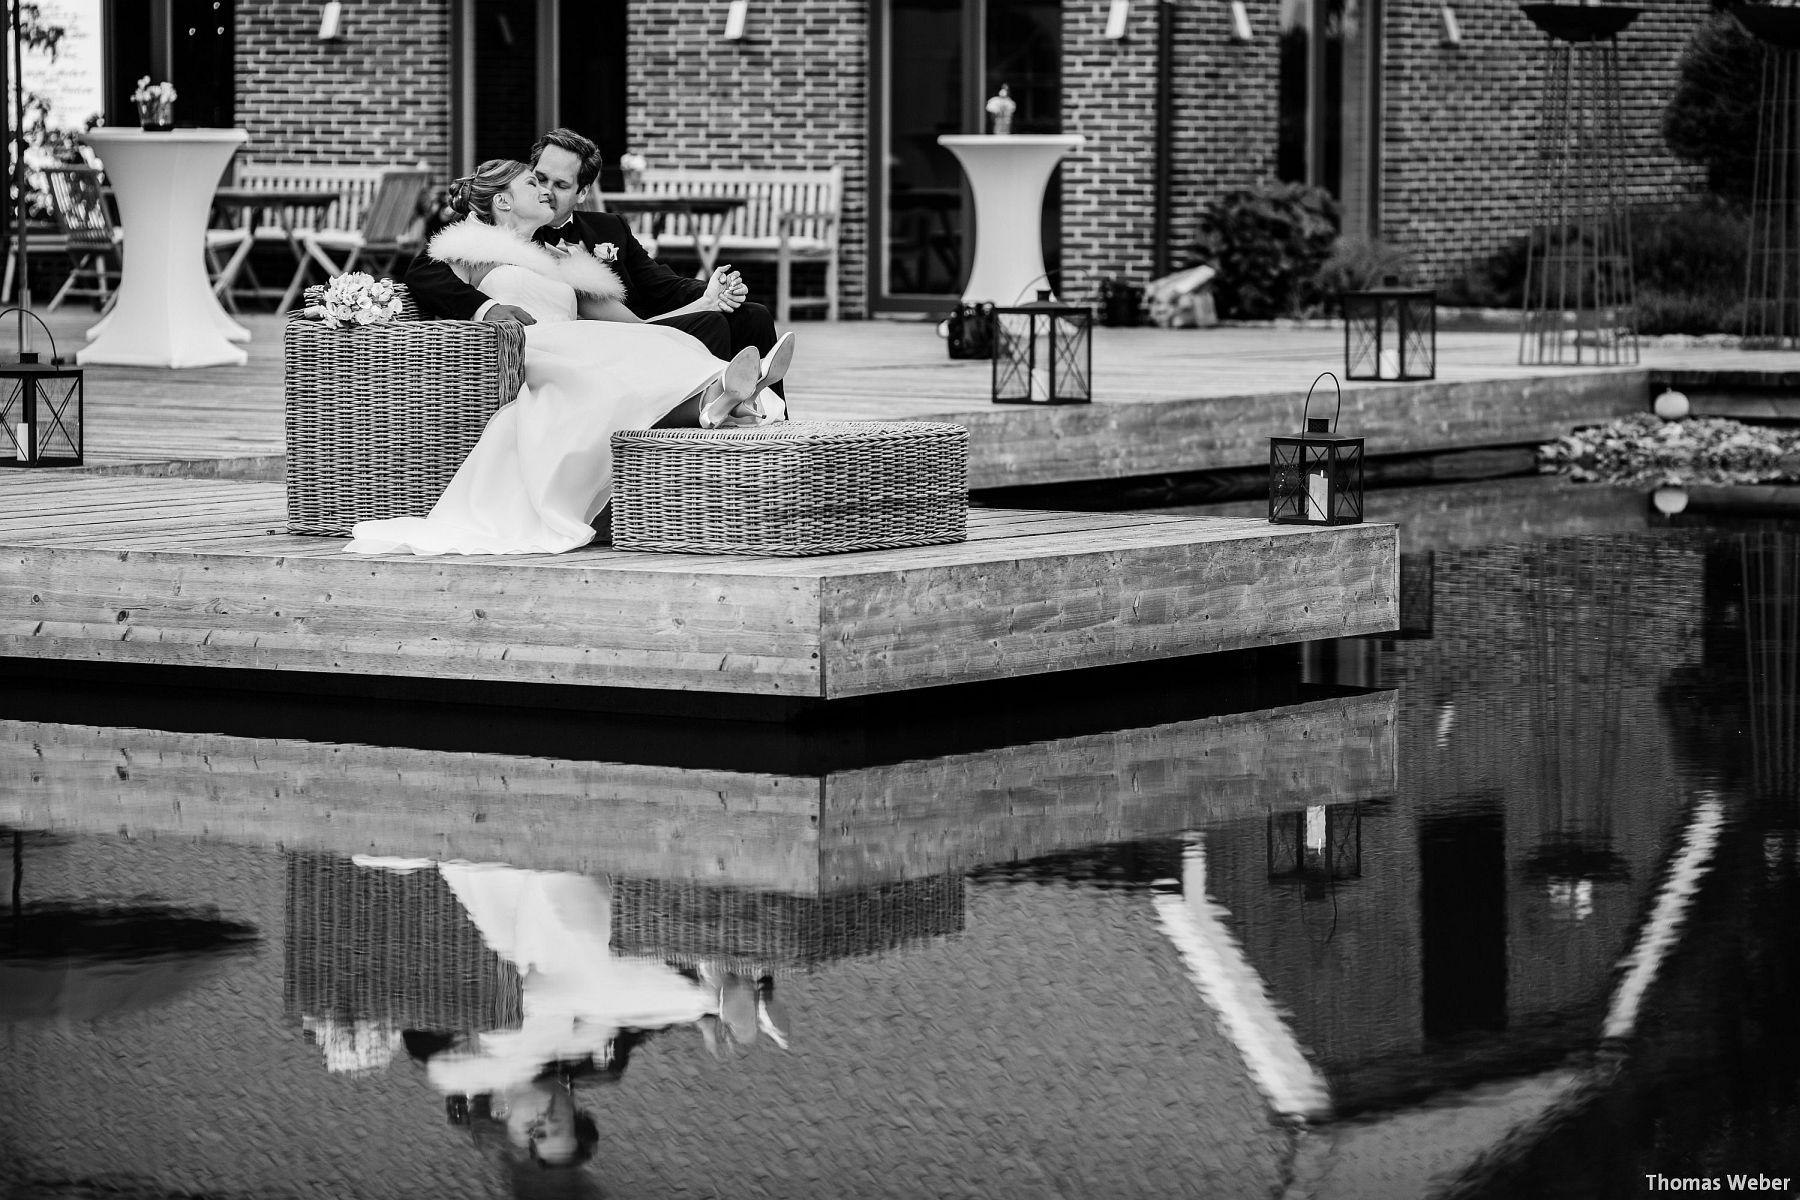 Hochzeitsfotograf Rastede: Kirchliche Trauung in der St. Ulrichs Kirche Rastede und Hochzeitsfeier in der Eventscheune St Georg Rastede mit dem Catering von Michael Niebuhr aus Oldenburg (37)